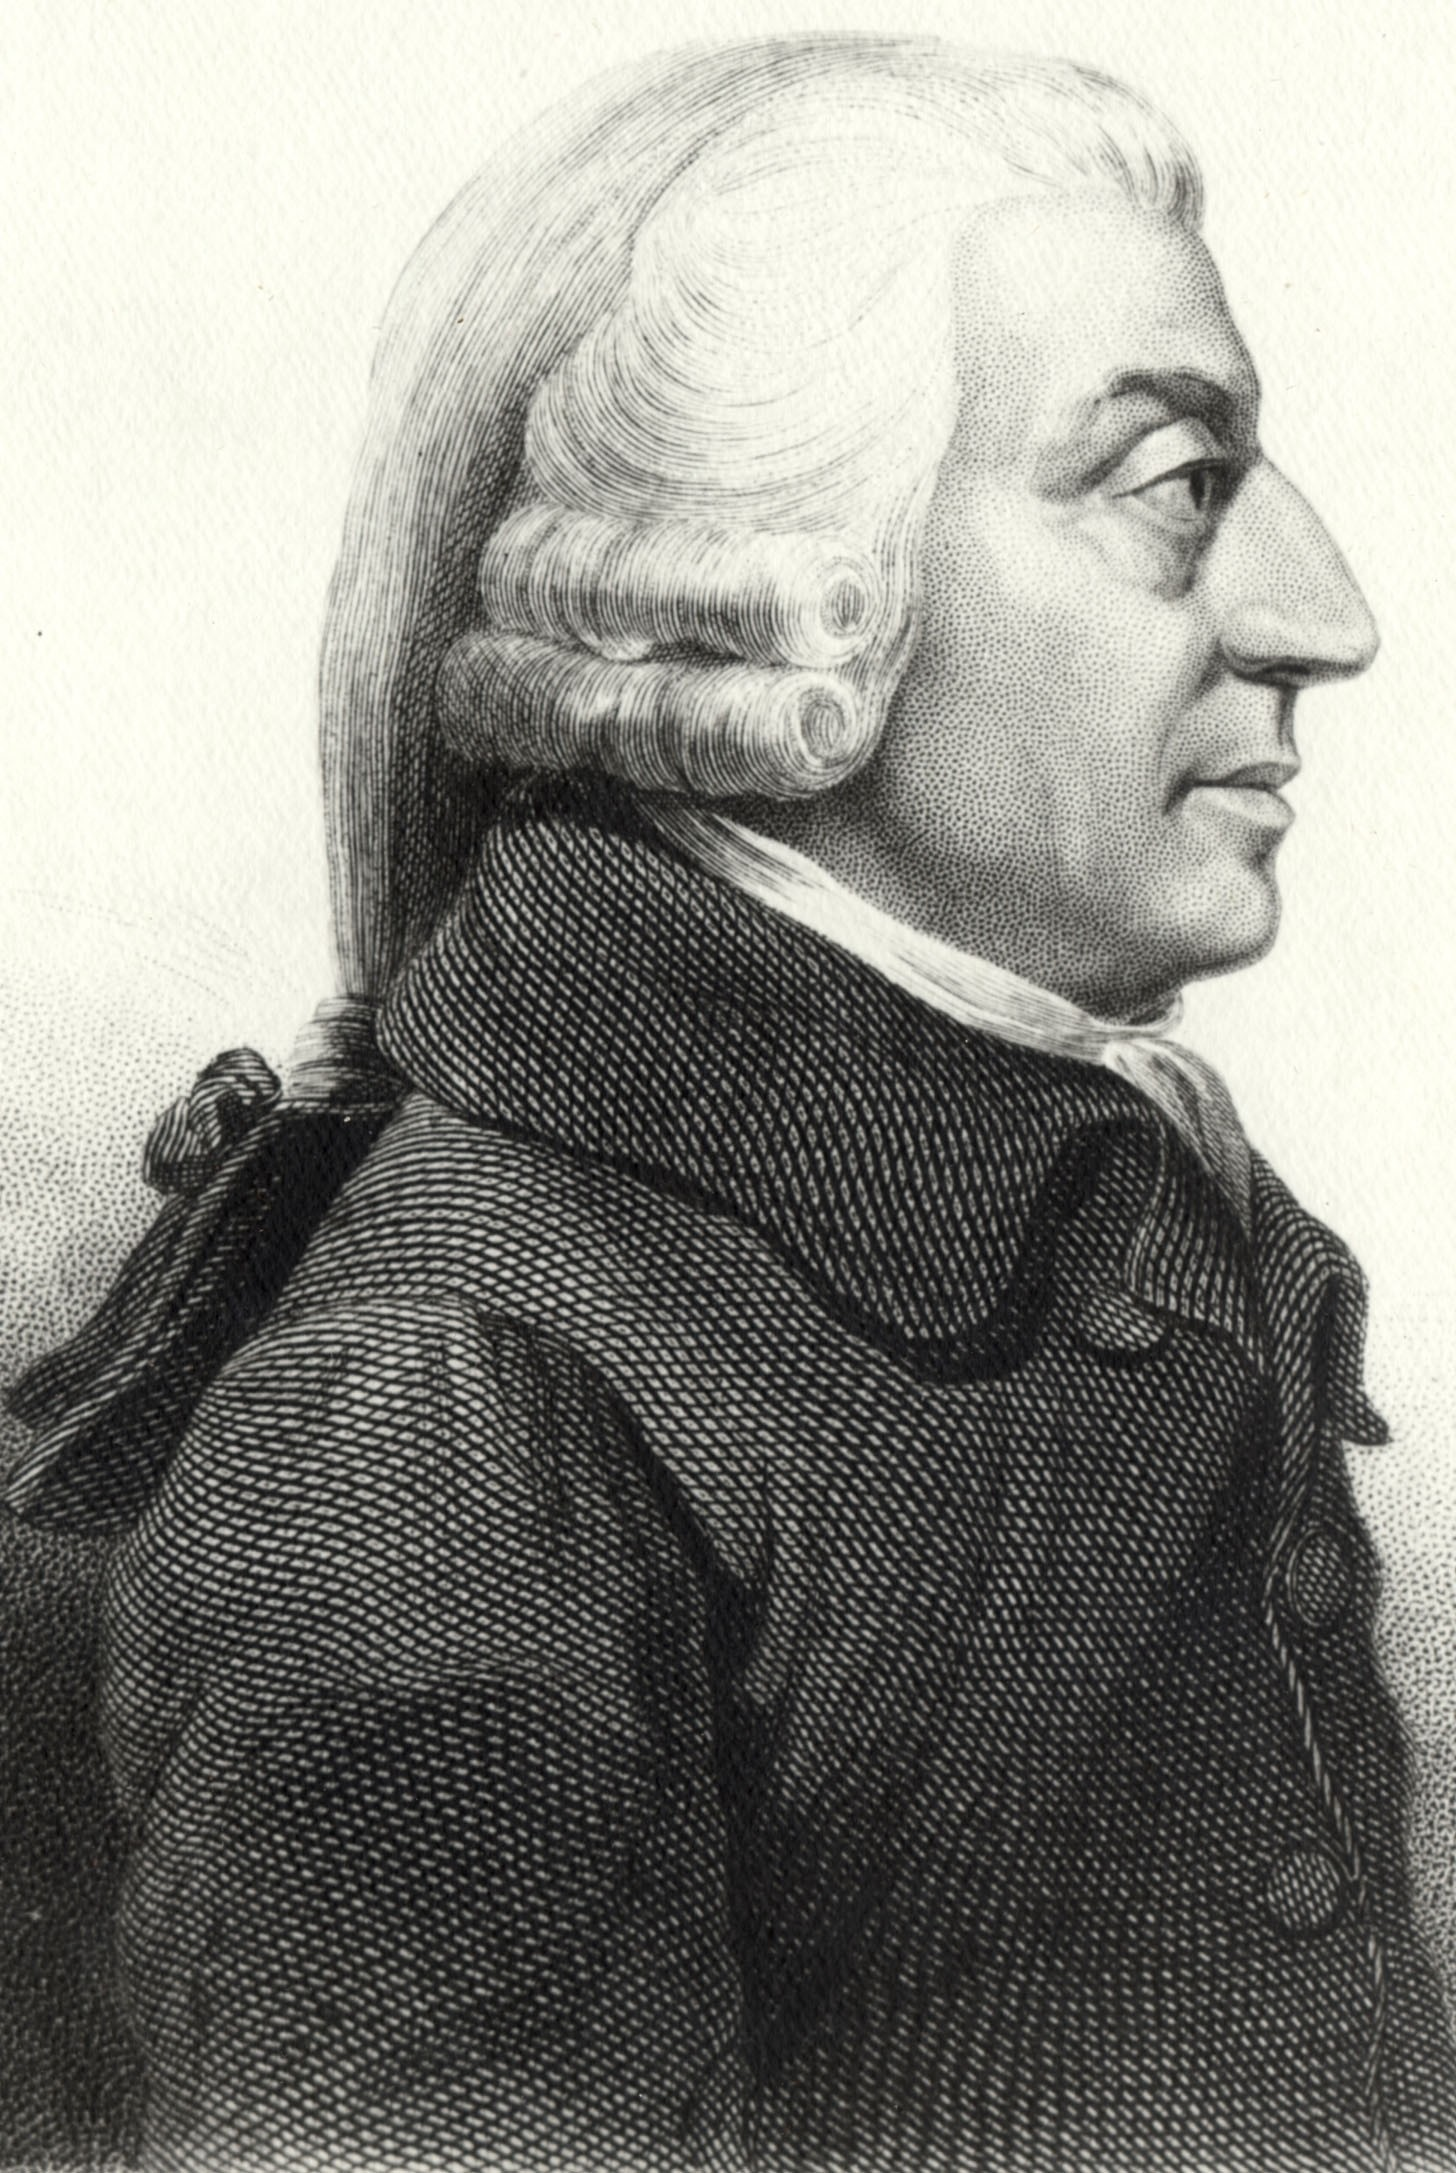 18 世紀蘇格蘭哲學家/經濟學家 Adam Smith